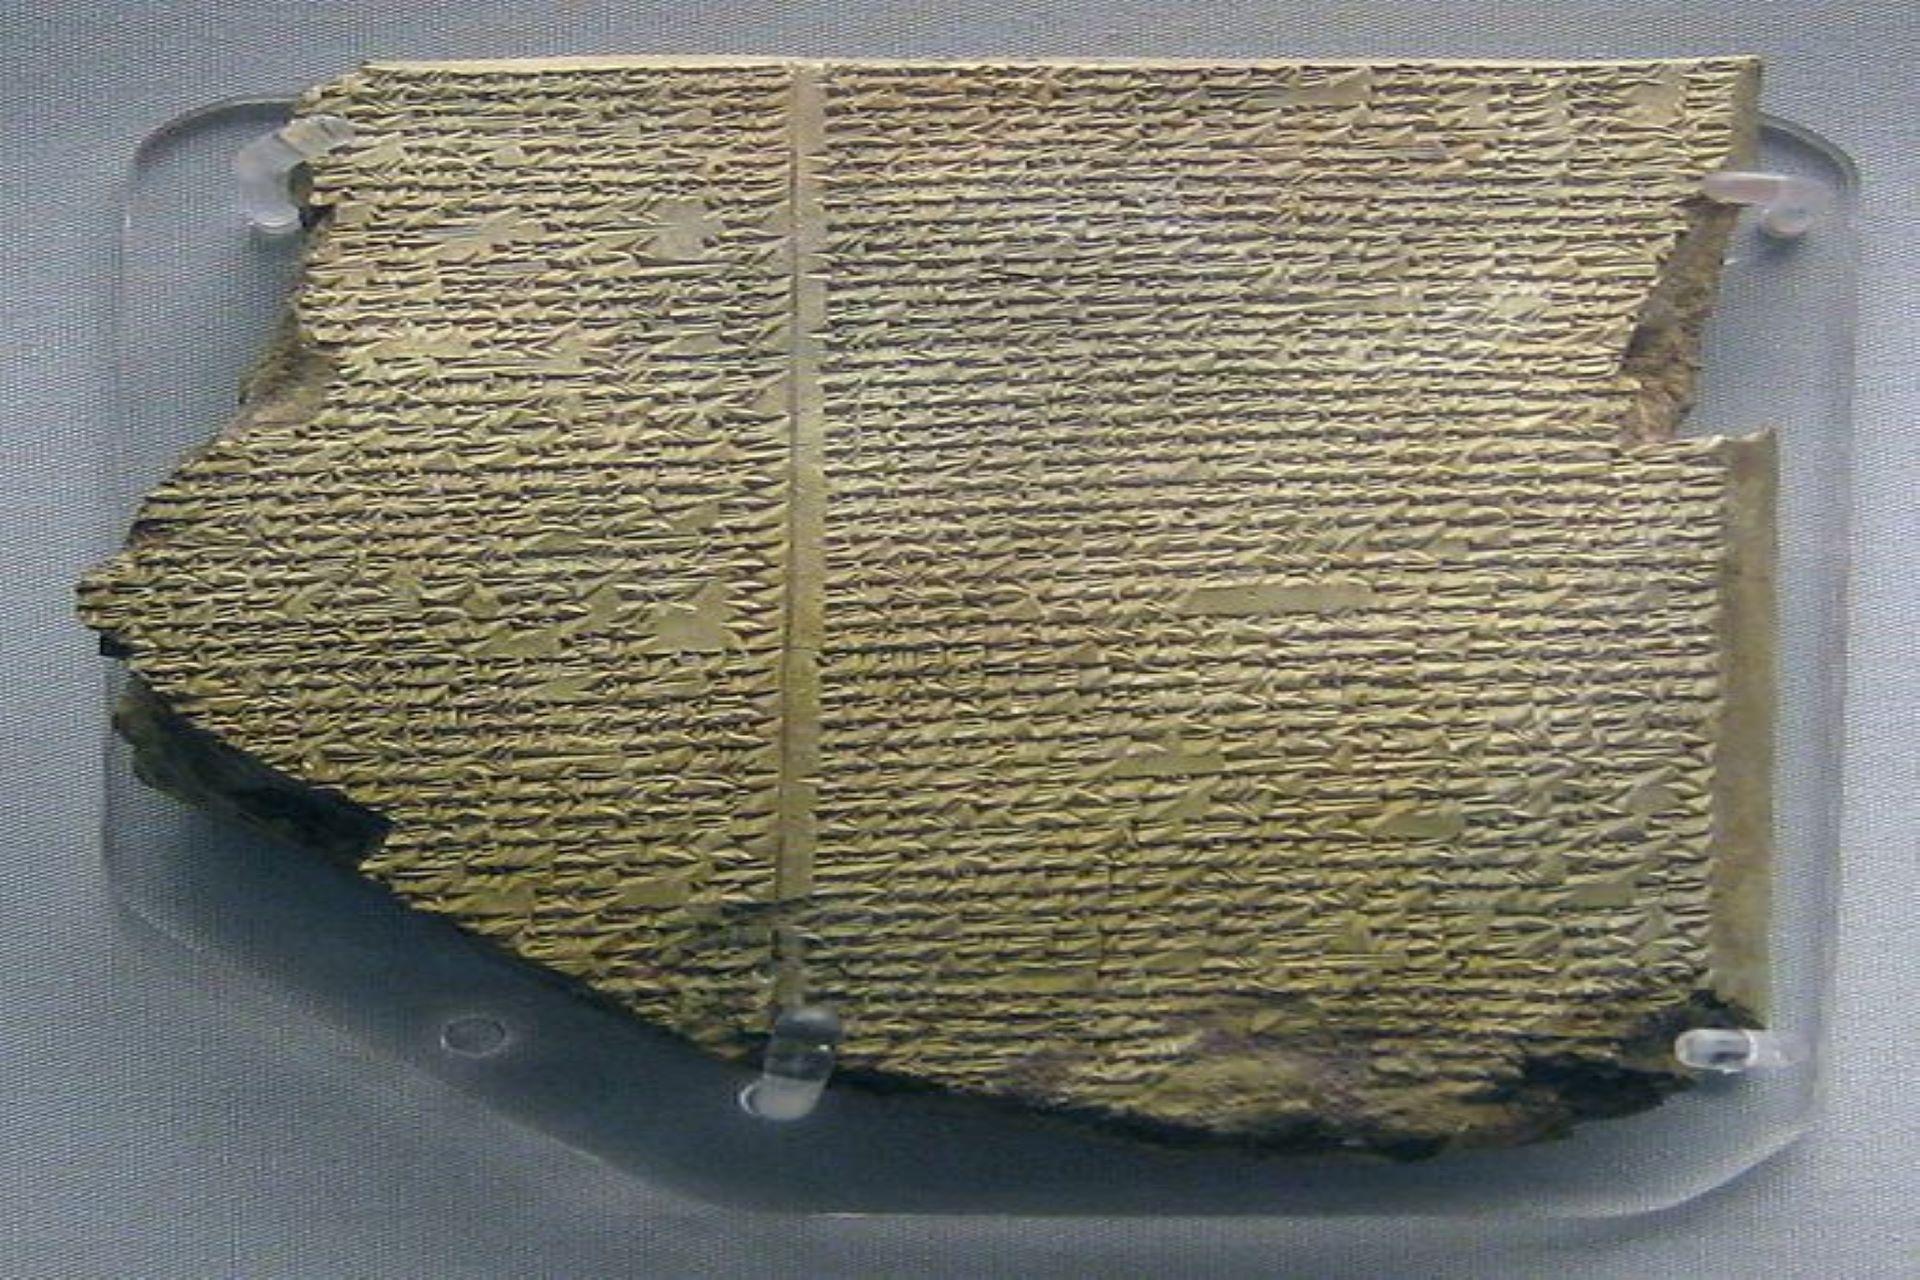 世界史年表 世紀別/地域別(紀元前22世紀)